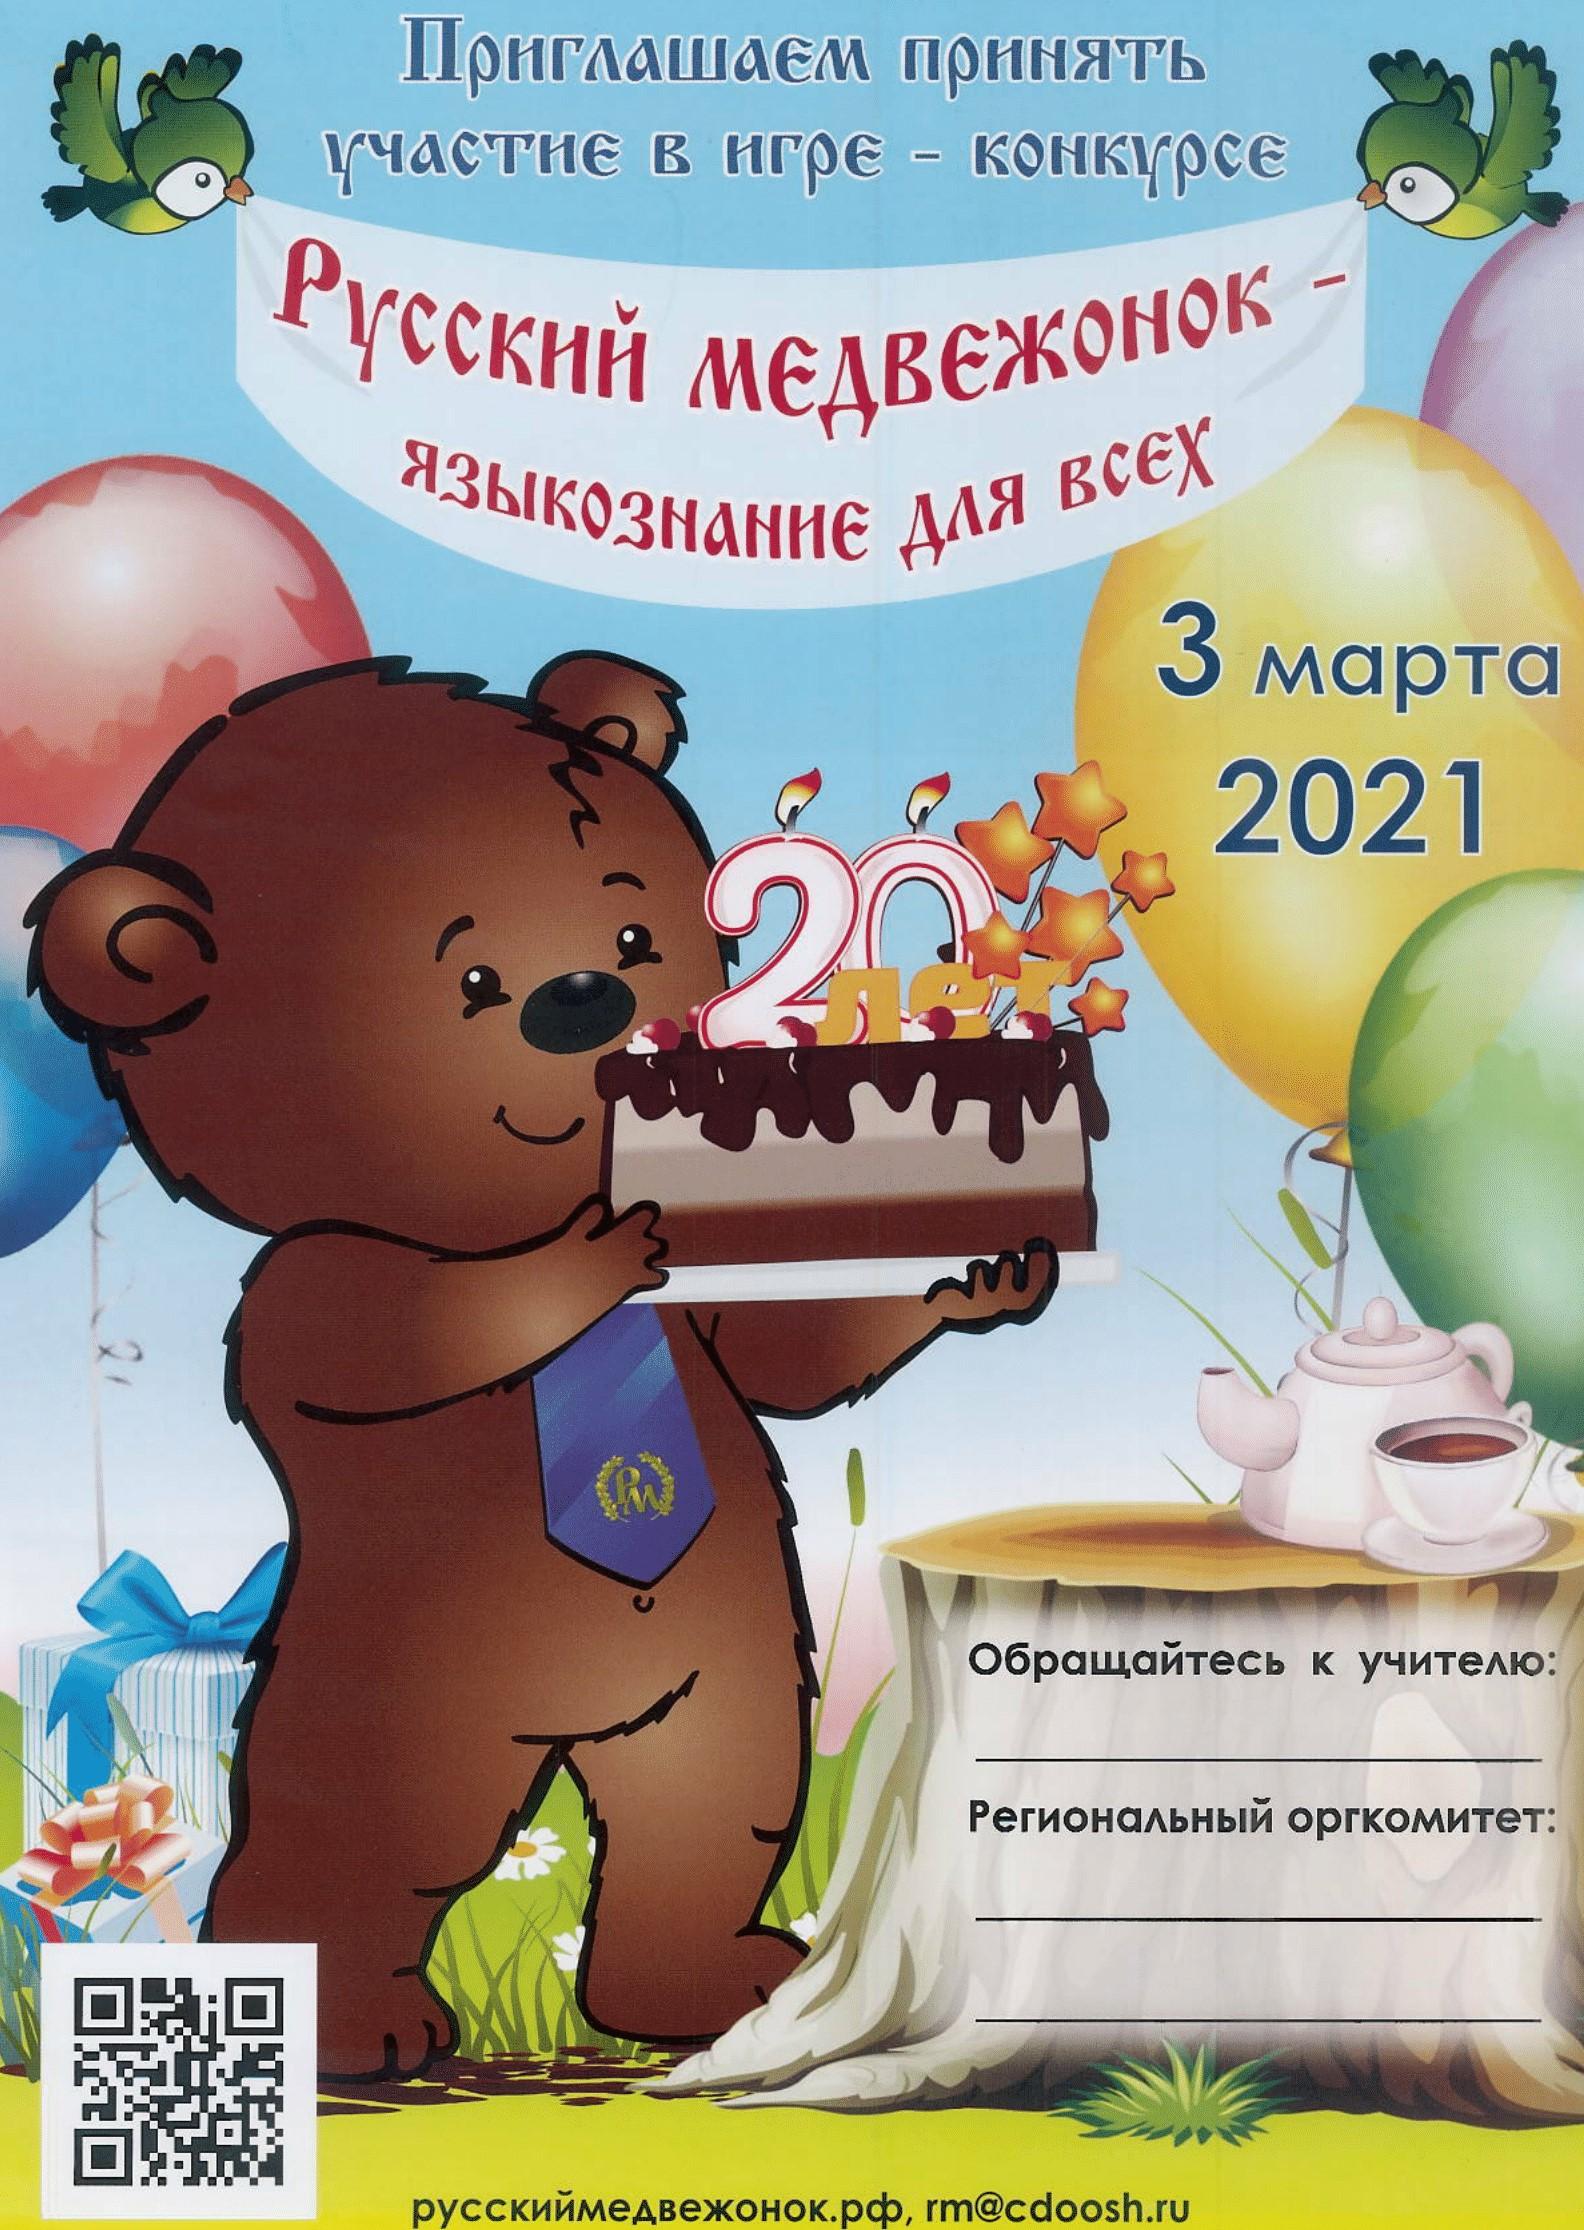 Конкурс «Русский Медвежонок», 03.03.2021 — ONLINE!